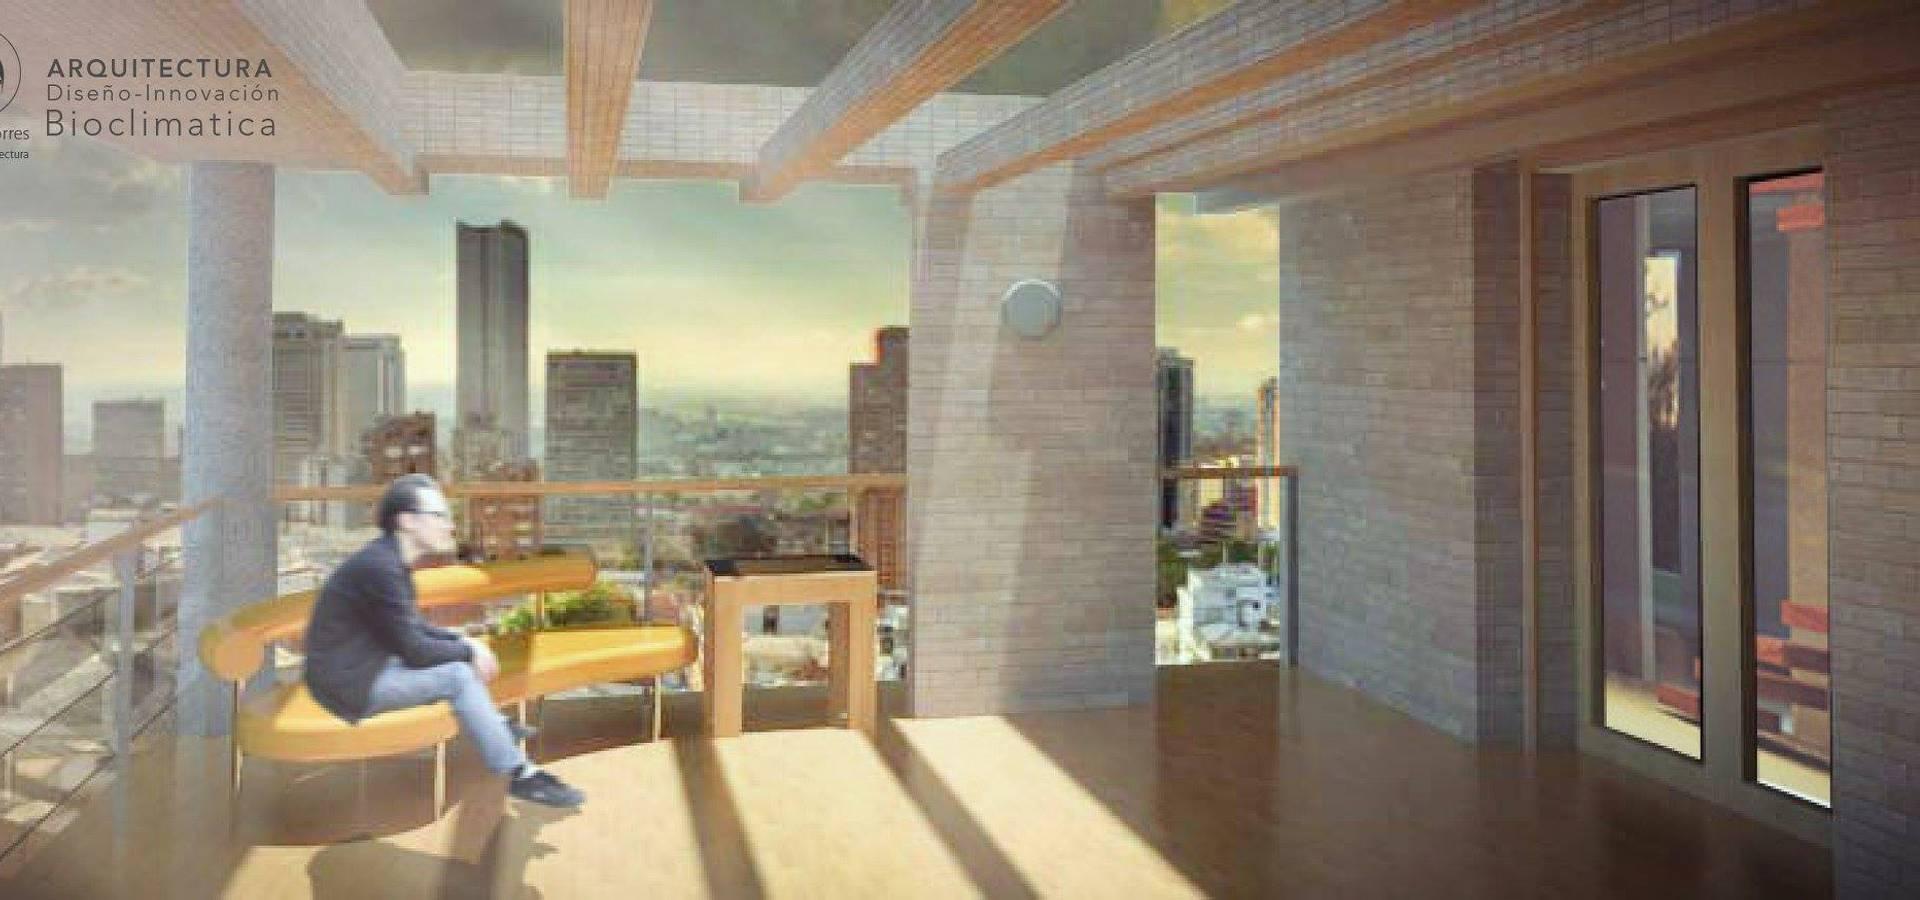 Jaime A Torres Estudio de arquitectura